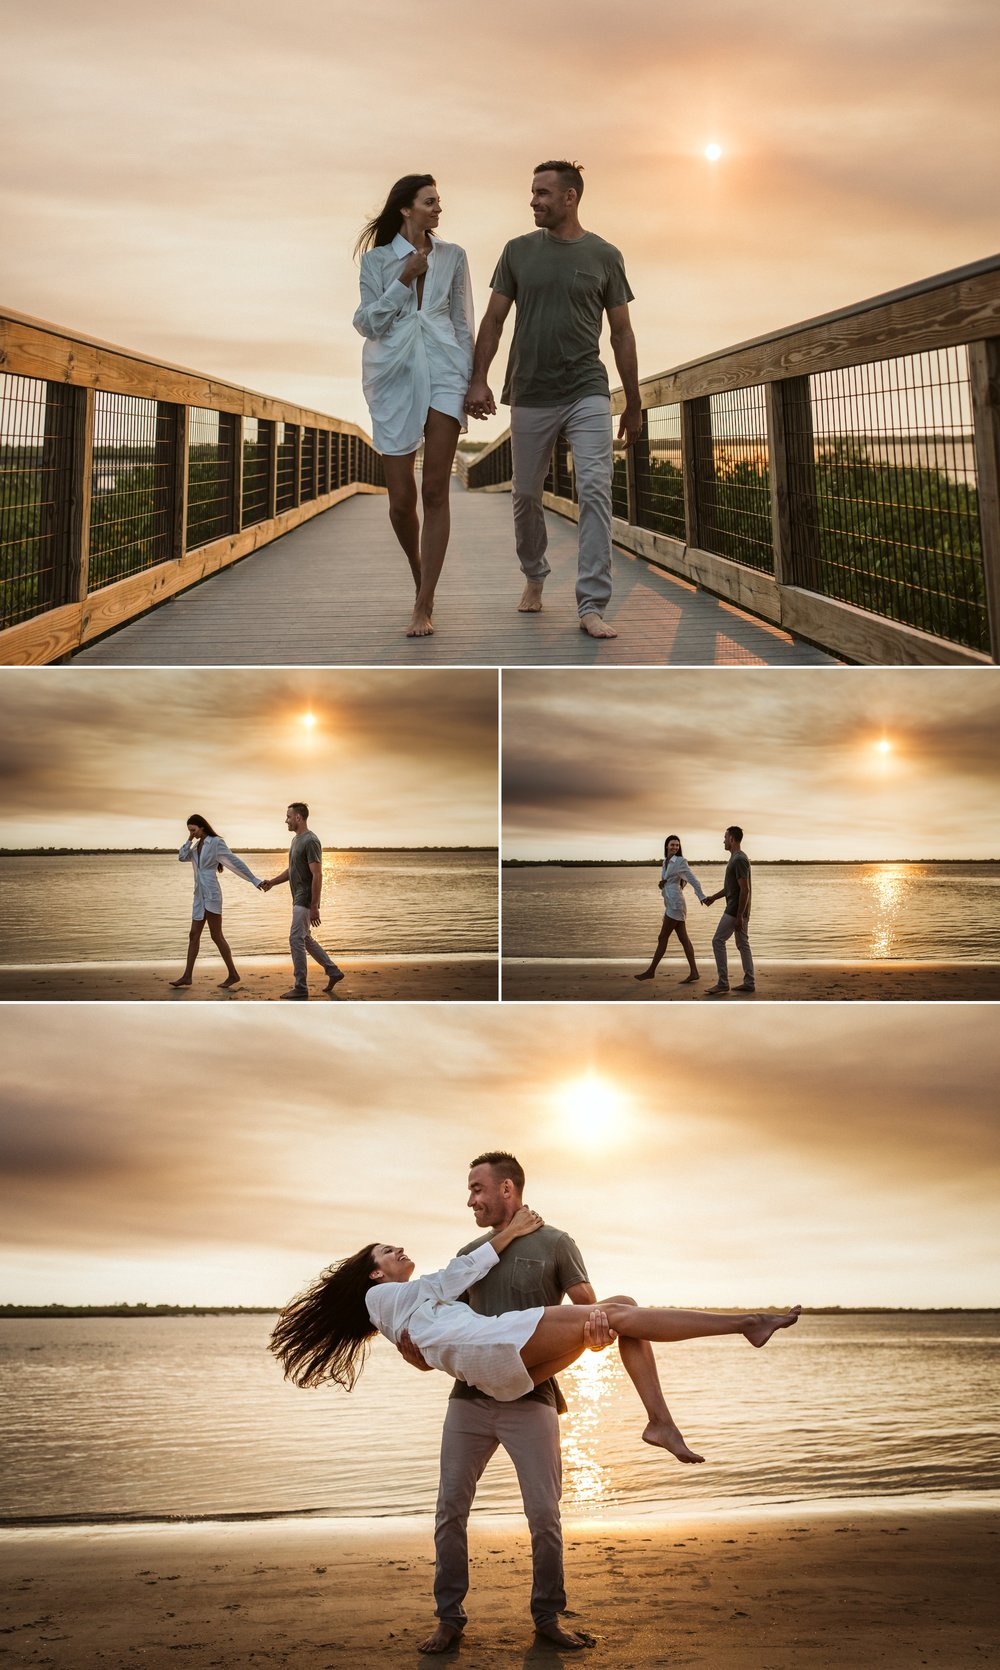 Adventure Brushfire sunset beach engagement- Gabriella + Chad- Shaina DeCiryan photography2.jpg